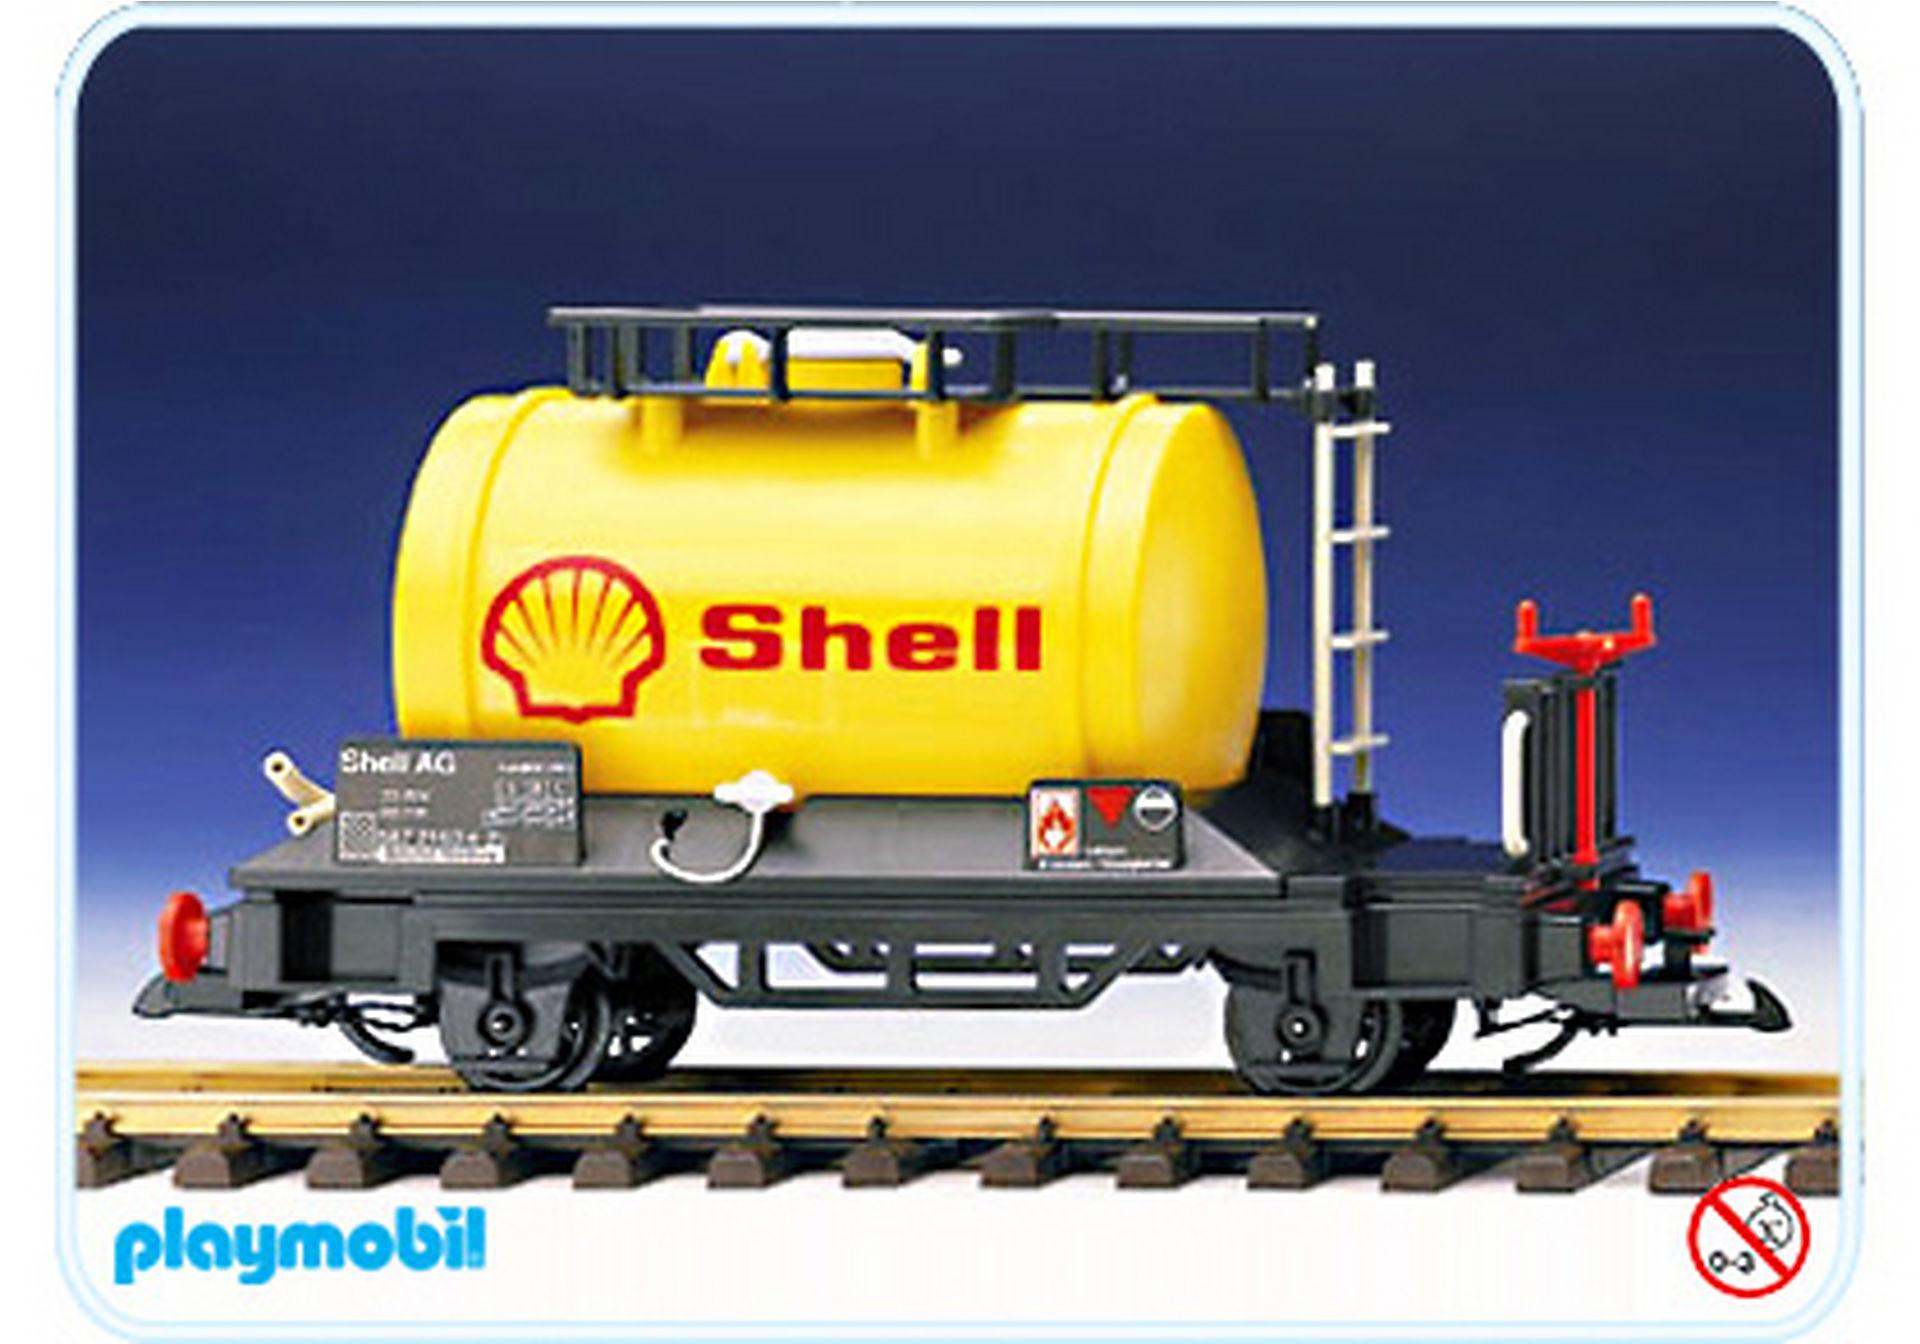 4107-A Kesselwagen Shell zoom image1